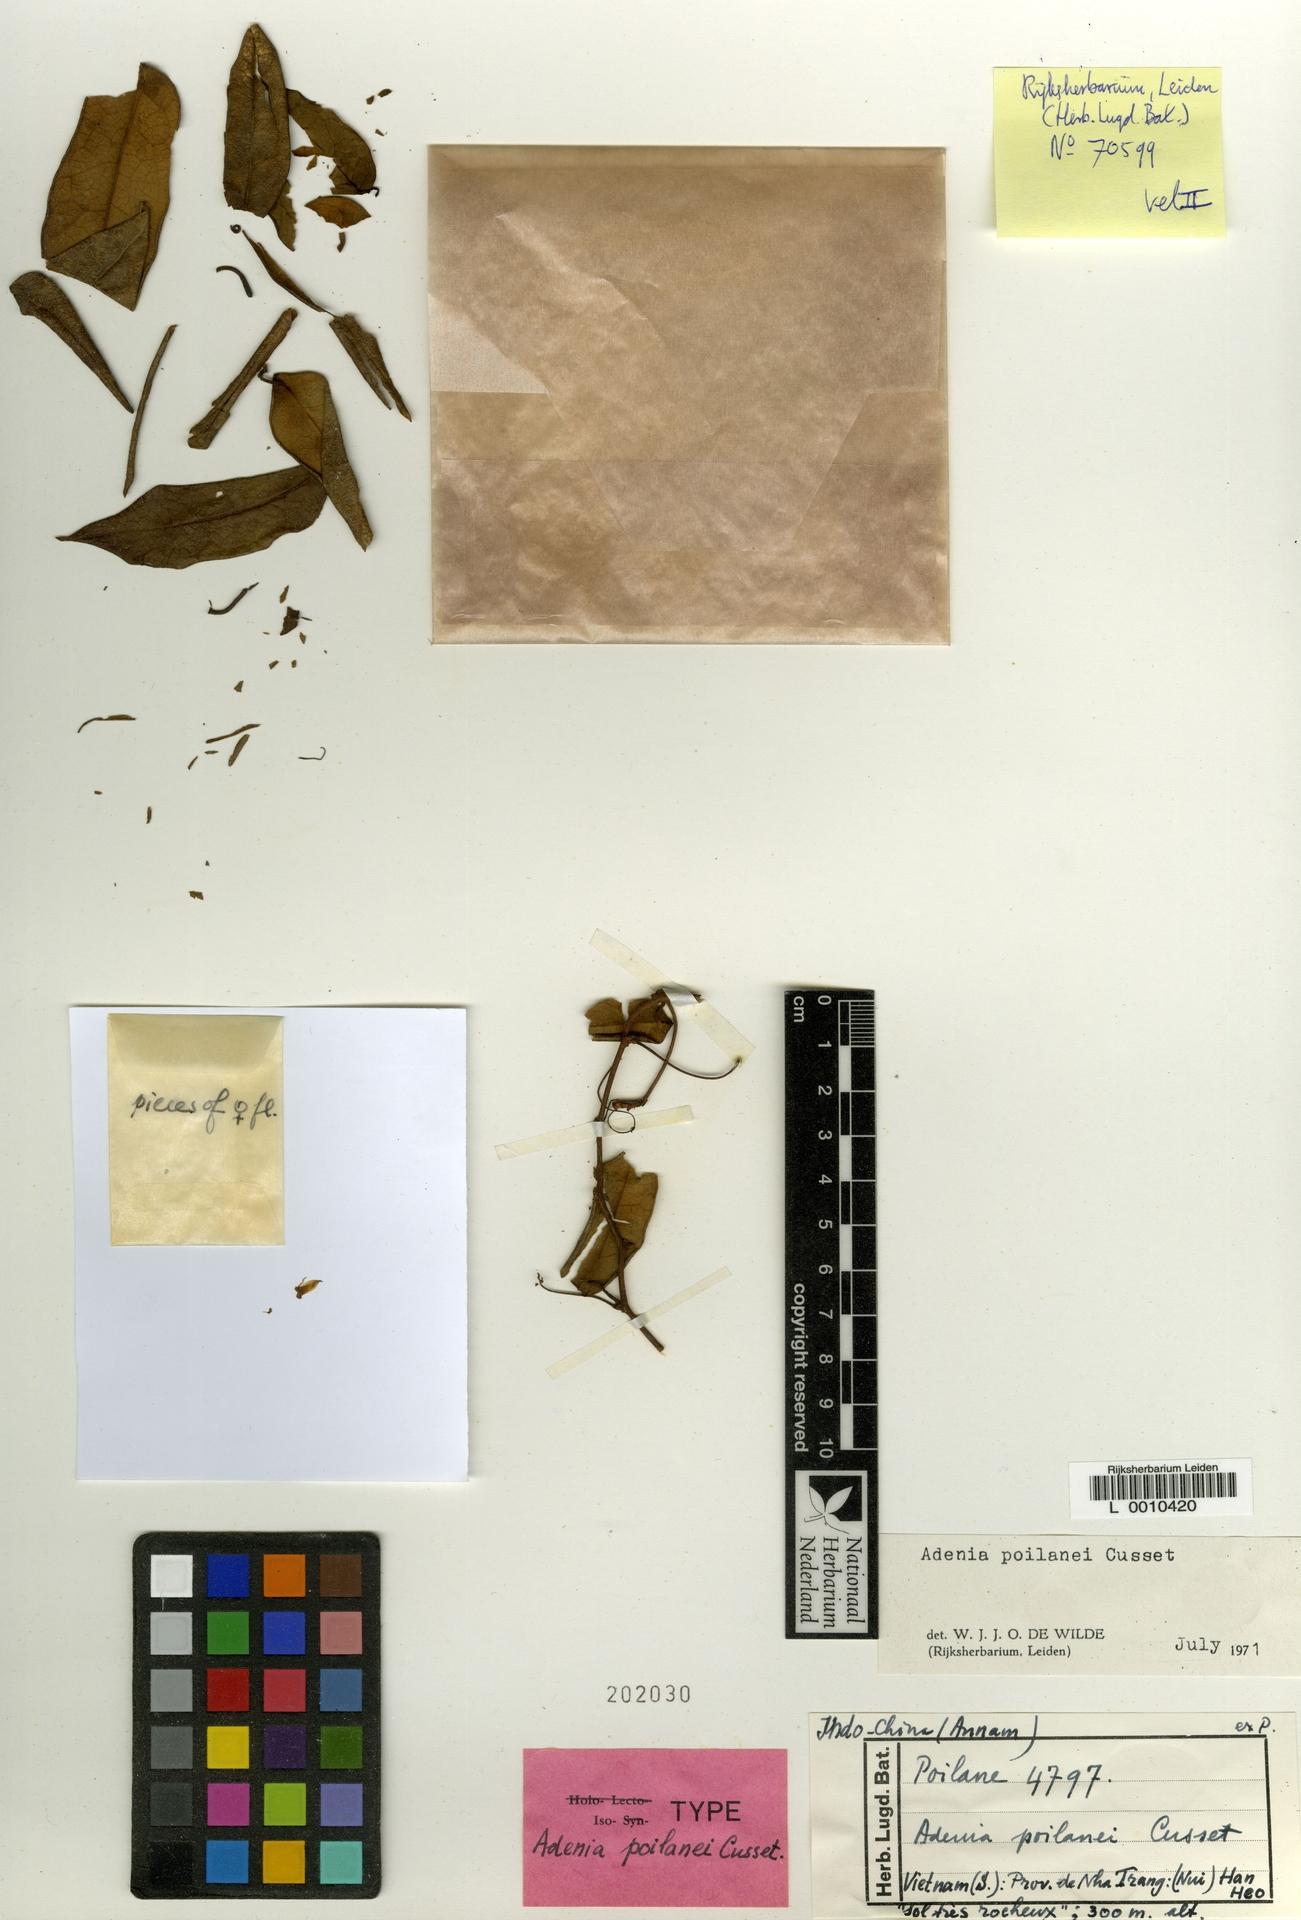 L  0010420 | Adenia poilanei C.Cusset